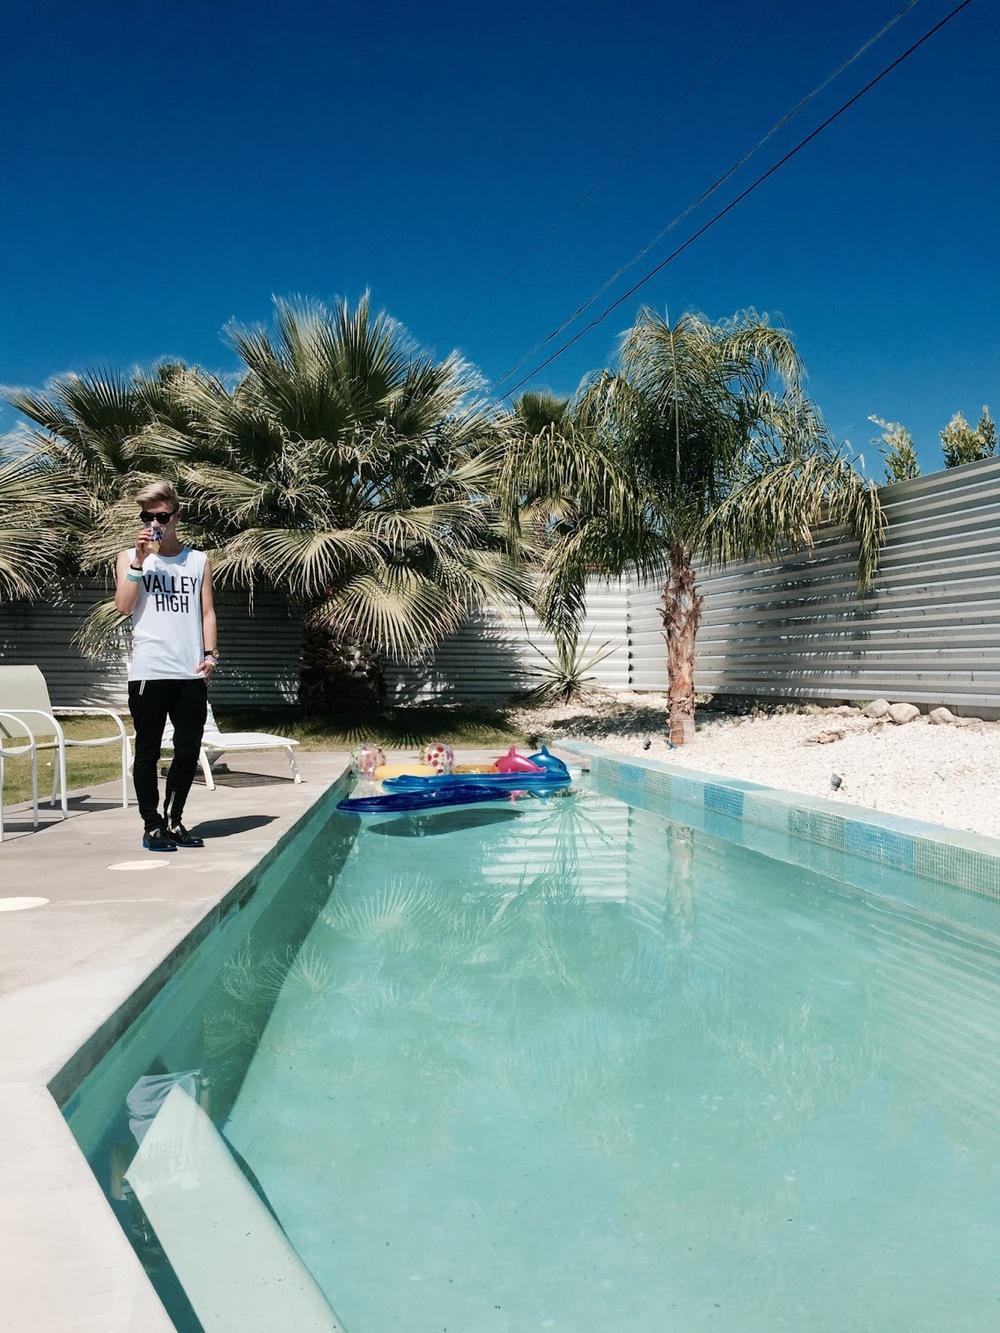 coachella-instagram-palmsprings9.jpg